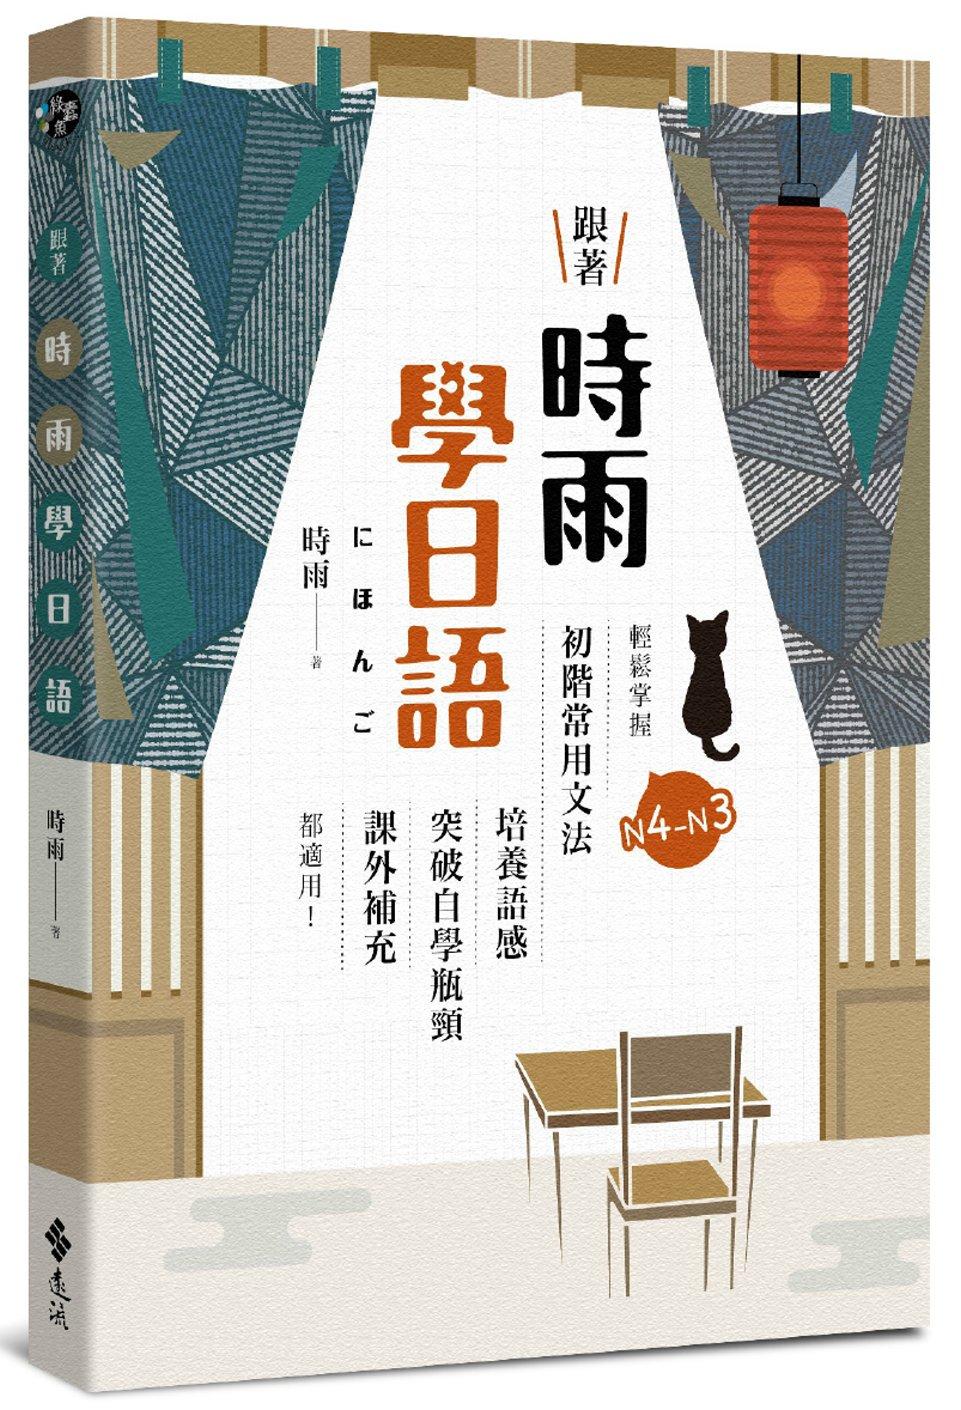 跟著時雨學日語:輕鬆掌握N4~N3初階常用日文文法,培養語感、突破自學瓶頸、課外補充都適用!【作者親簽版】